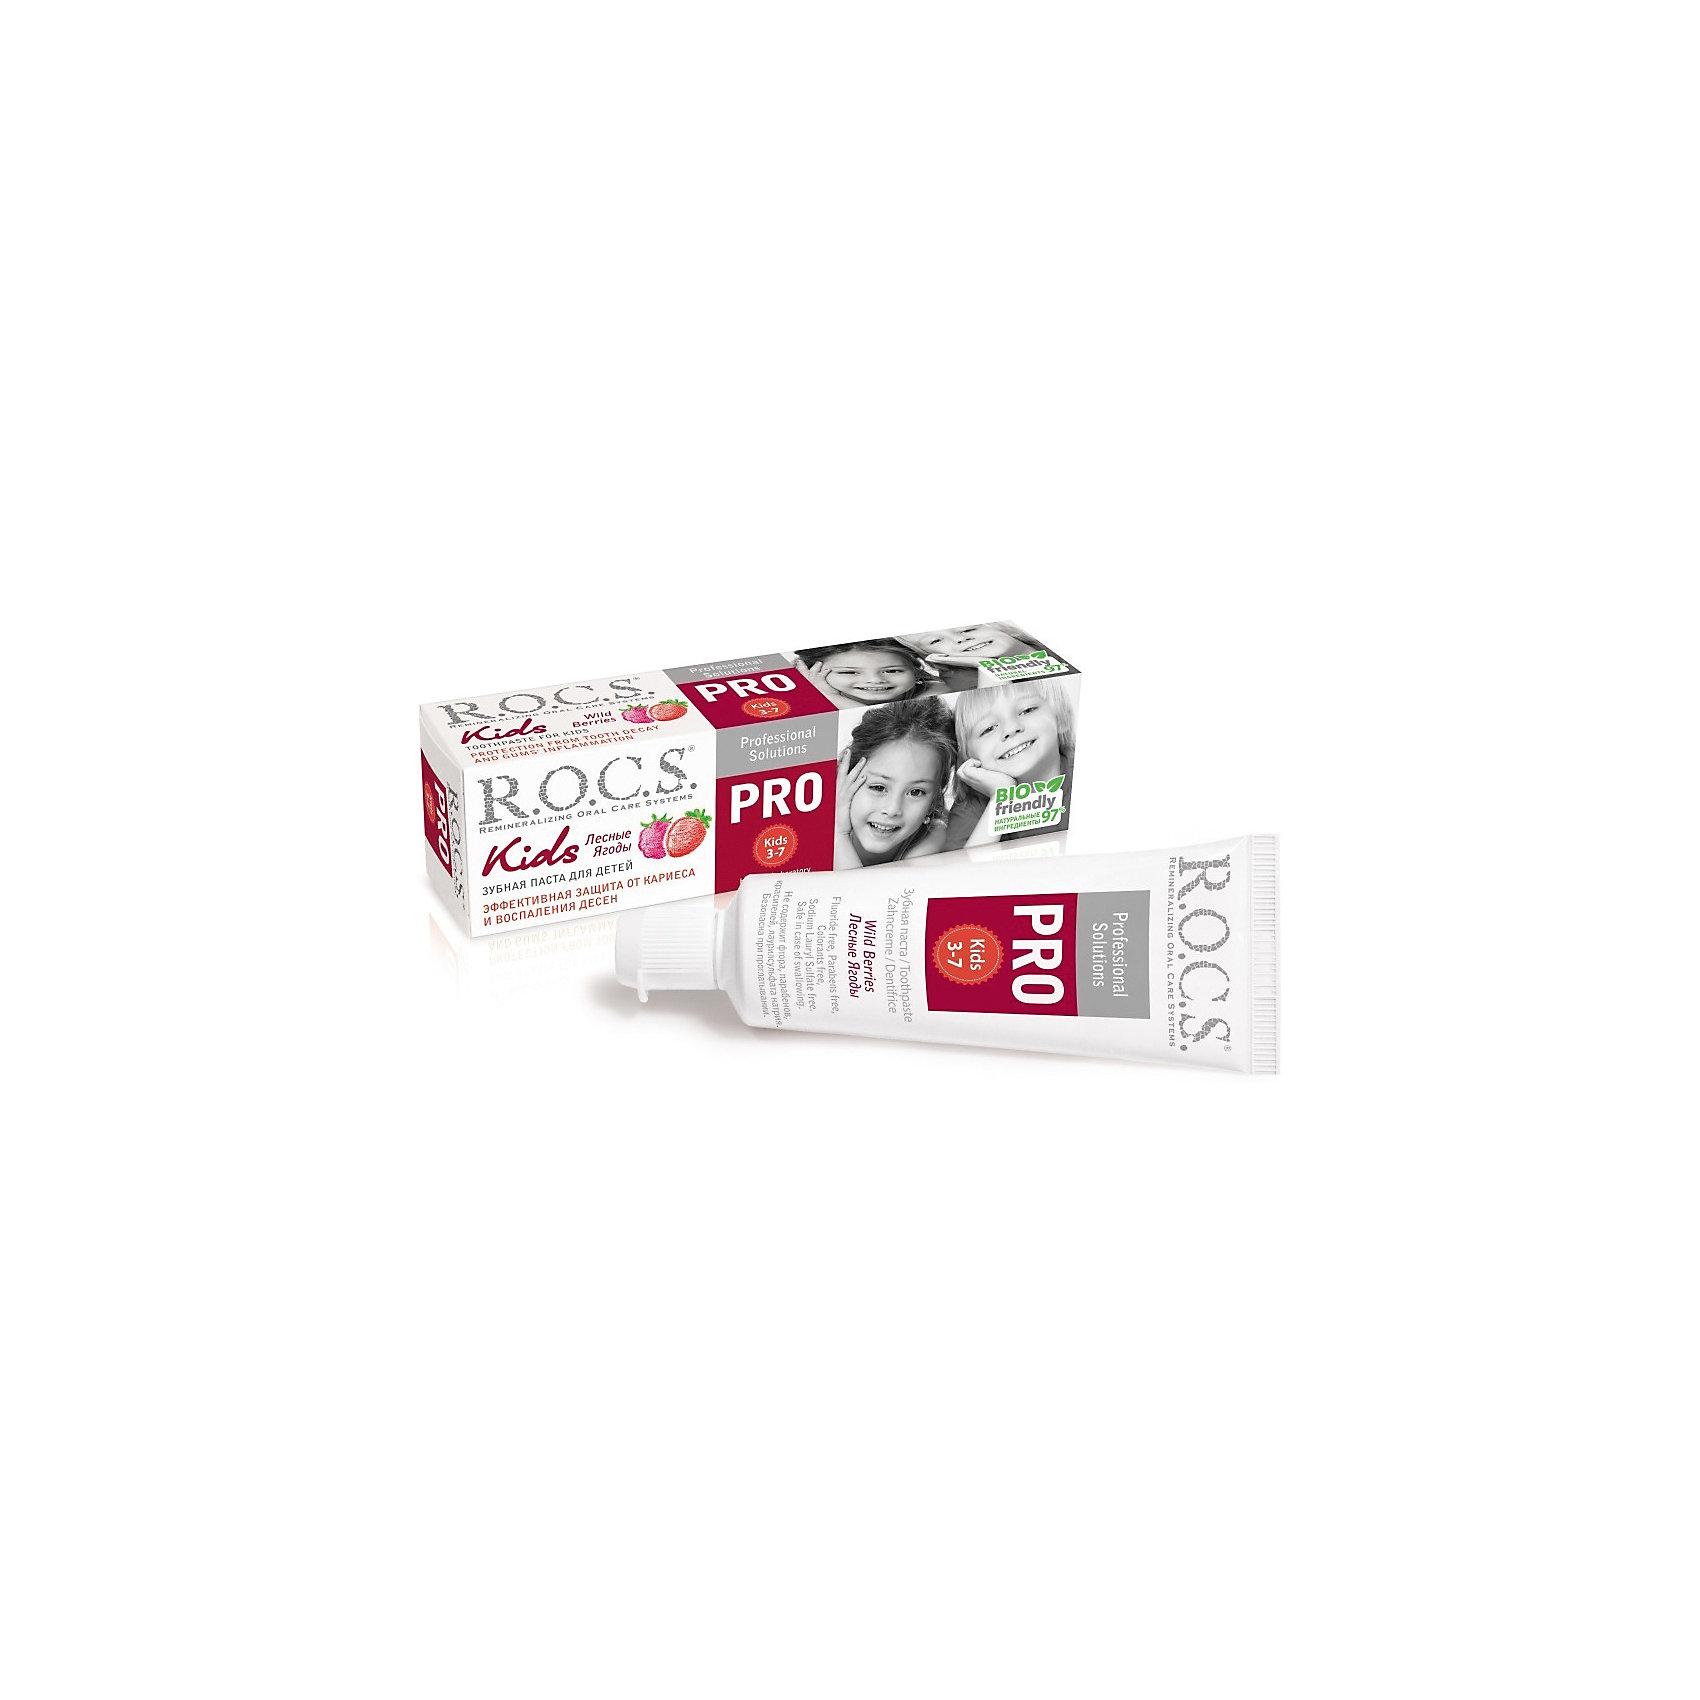 Зубная паста для детей PRO Kids  (3-7 лет) Лесные Ягоды, 45 г, ROCSЗубная паста PRO Kids очищает зубки малыша от налета, укрепляет эмаль, защищает зубы от кариеса и десны от воспаления. <br><br>Дополнительная информация:<br><br>Со вкусом лесных ягод.<br><br>Содержит 97% натуральных ингредиентов.<br><br>Зубную пасту для детей PRO Kids  (3-7 лет) Лесные Ягоды, 45 г, ROCS можно купить в нашем интернет-магазине.<br><br>Ширина мм: 300<br>Глубина мм: 100<br>Высота мм: 50<br>Вес г: 45<br>Возраст от месяцев: 36<br>Возраст до месяцев: 84<br>Пол: Унисекс<br>Возраст: Детский<br>SKU: 5008364